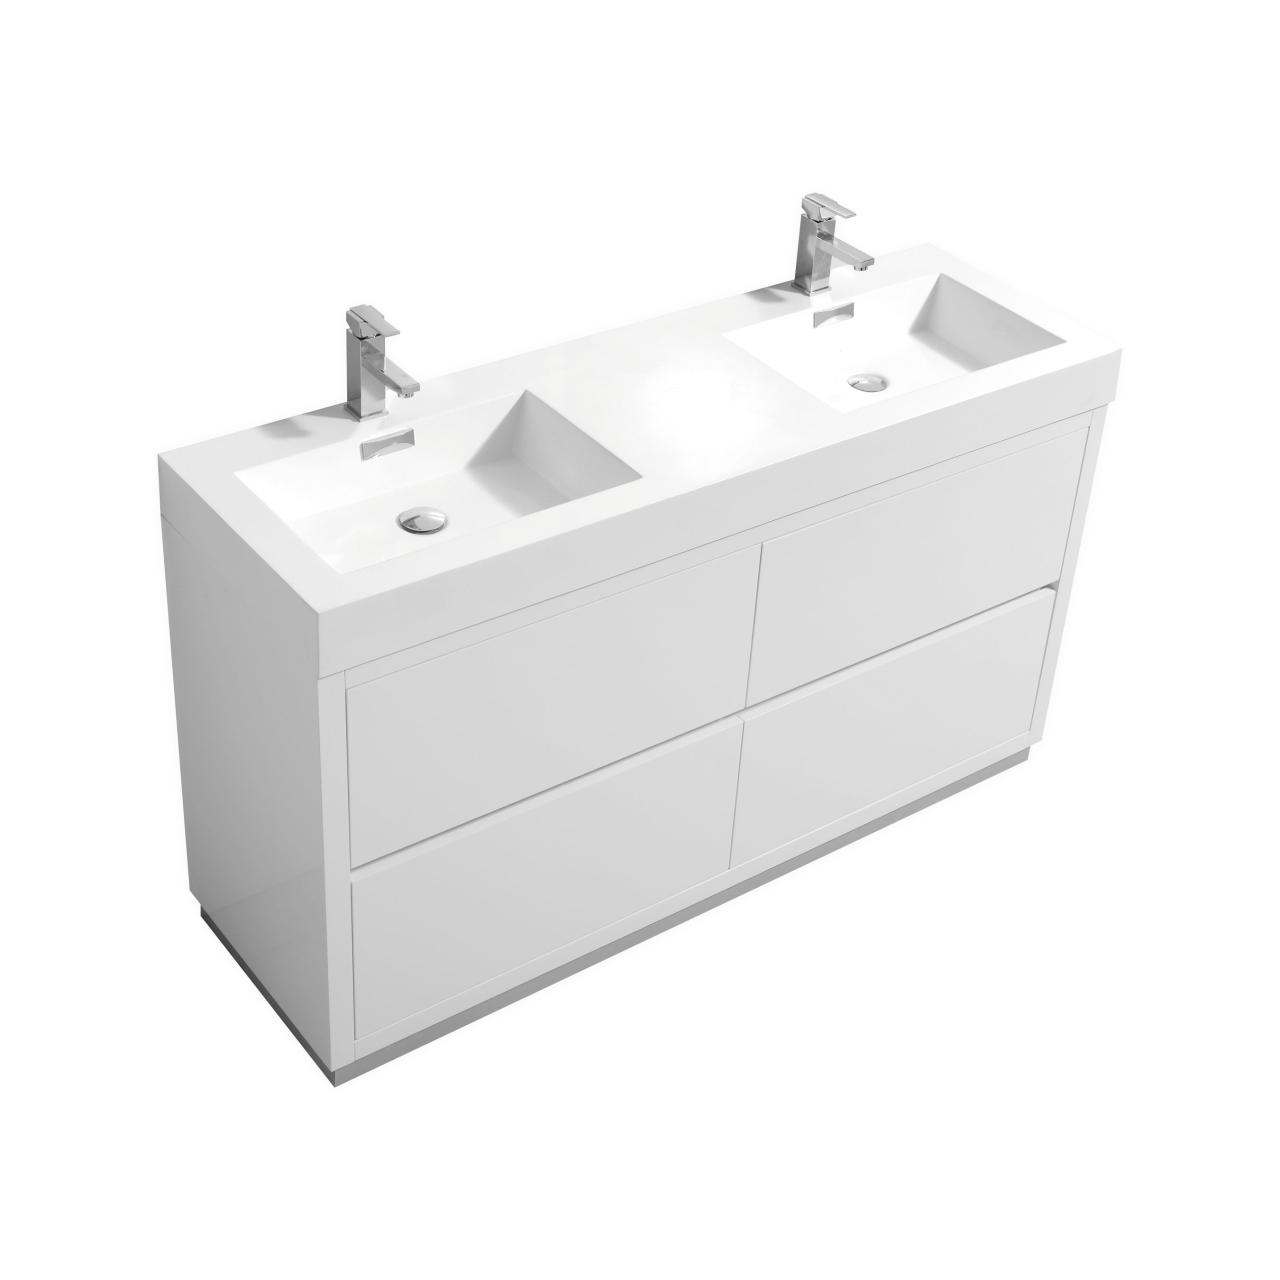 Bliss 60 High Gloss White Double Sink Floor Mount